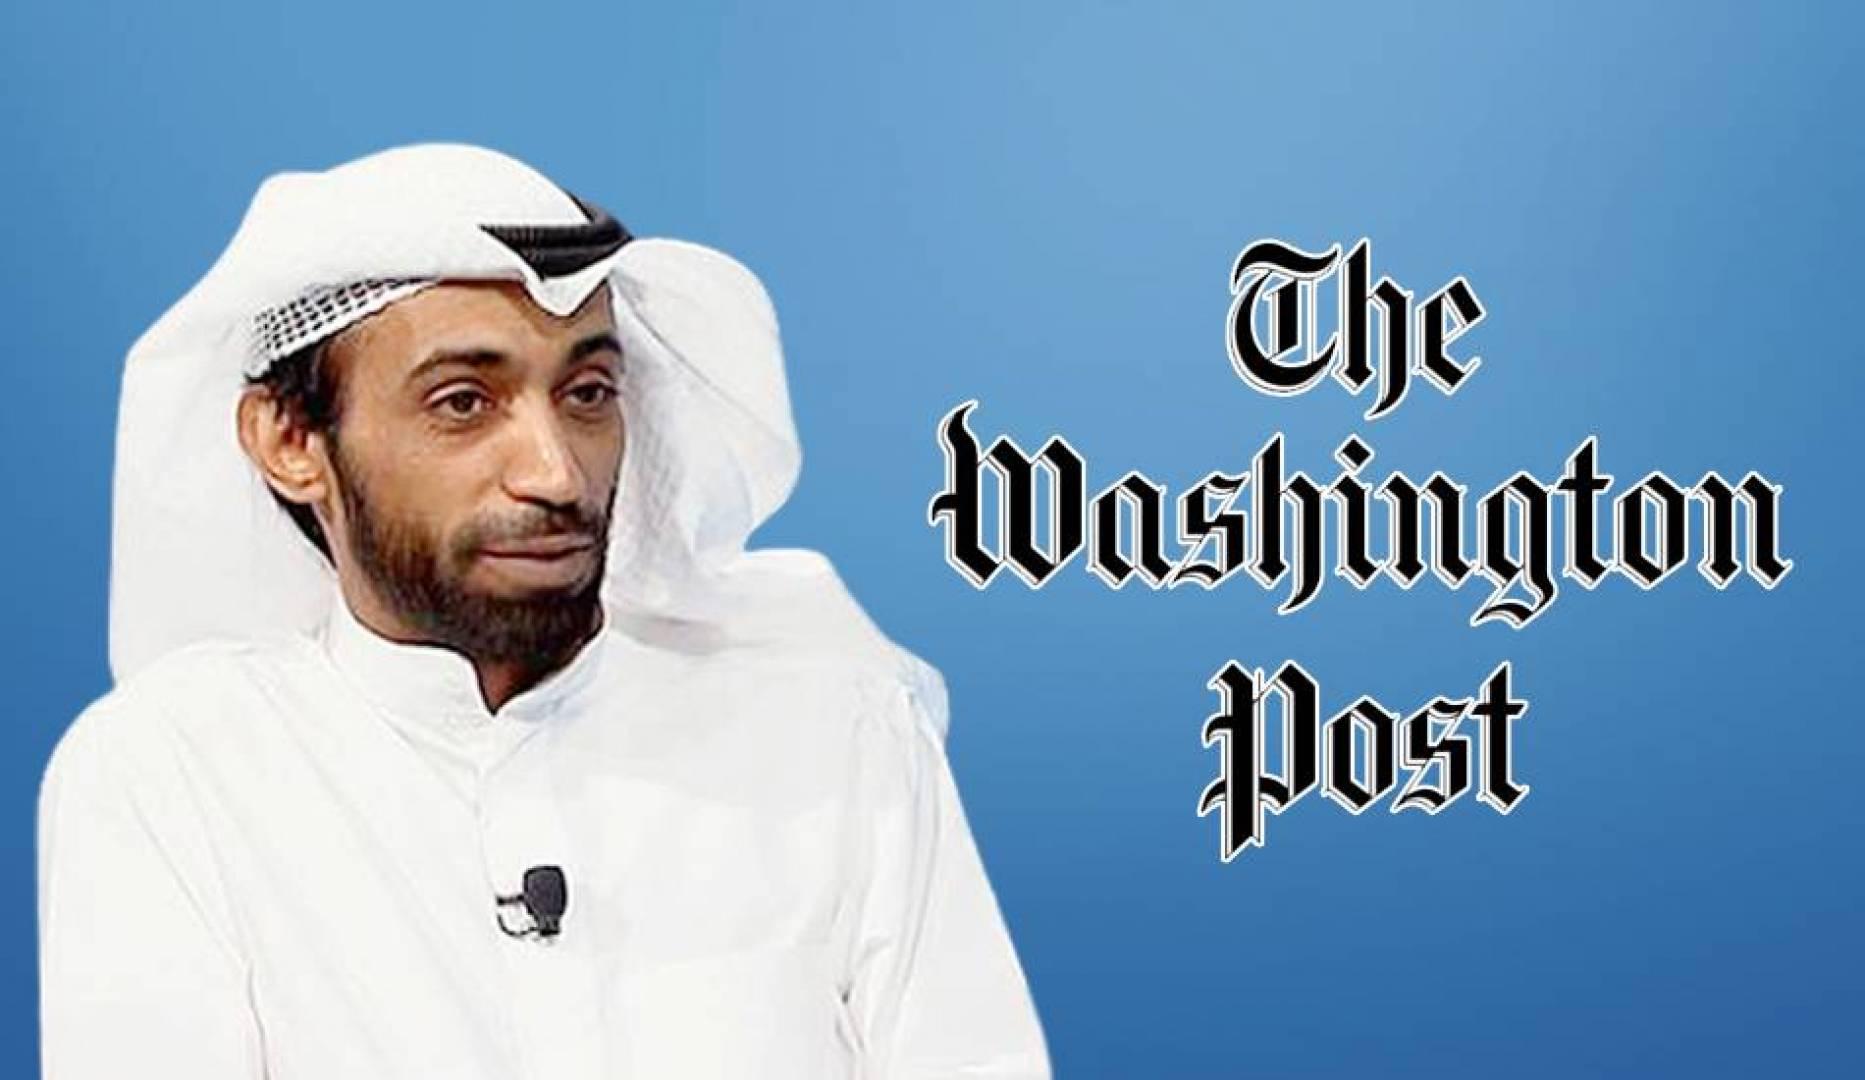 الوسمي يكتب في «واشنطن بوست»